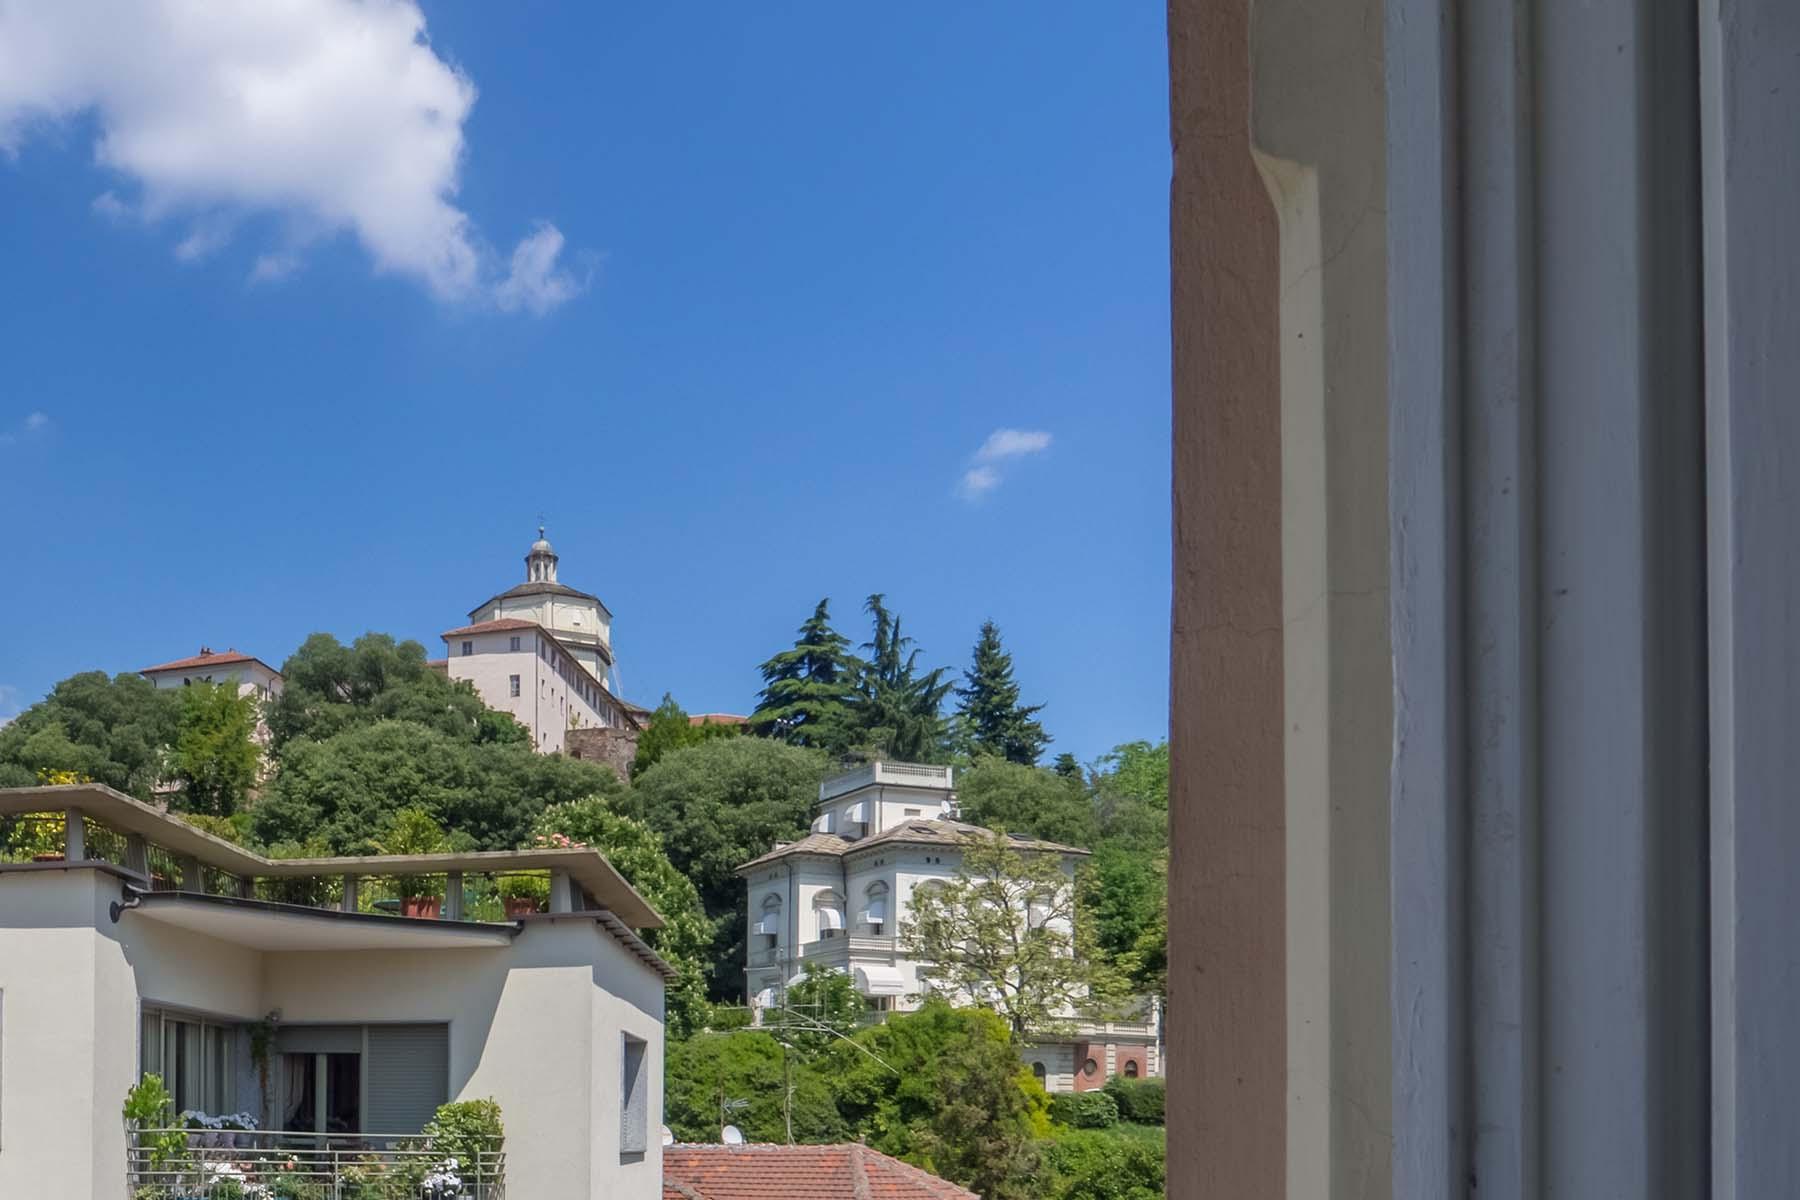 Charmante Penthouse mit Terrassen im Crimea Stadtviertel - 16